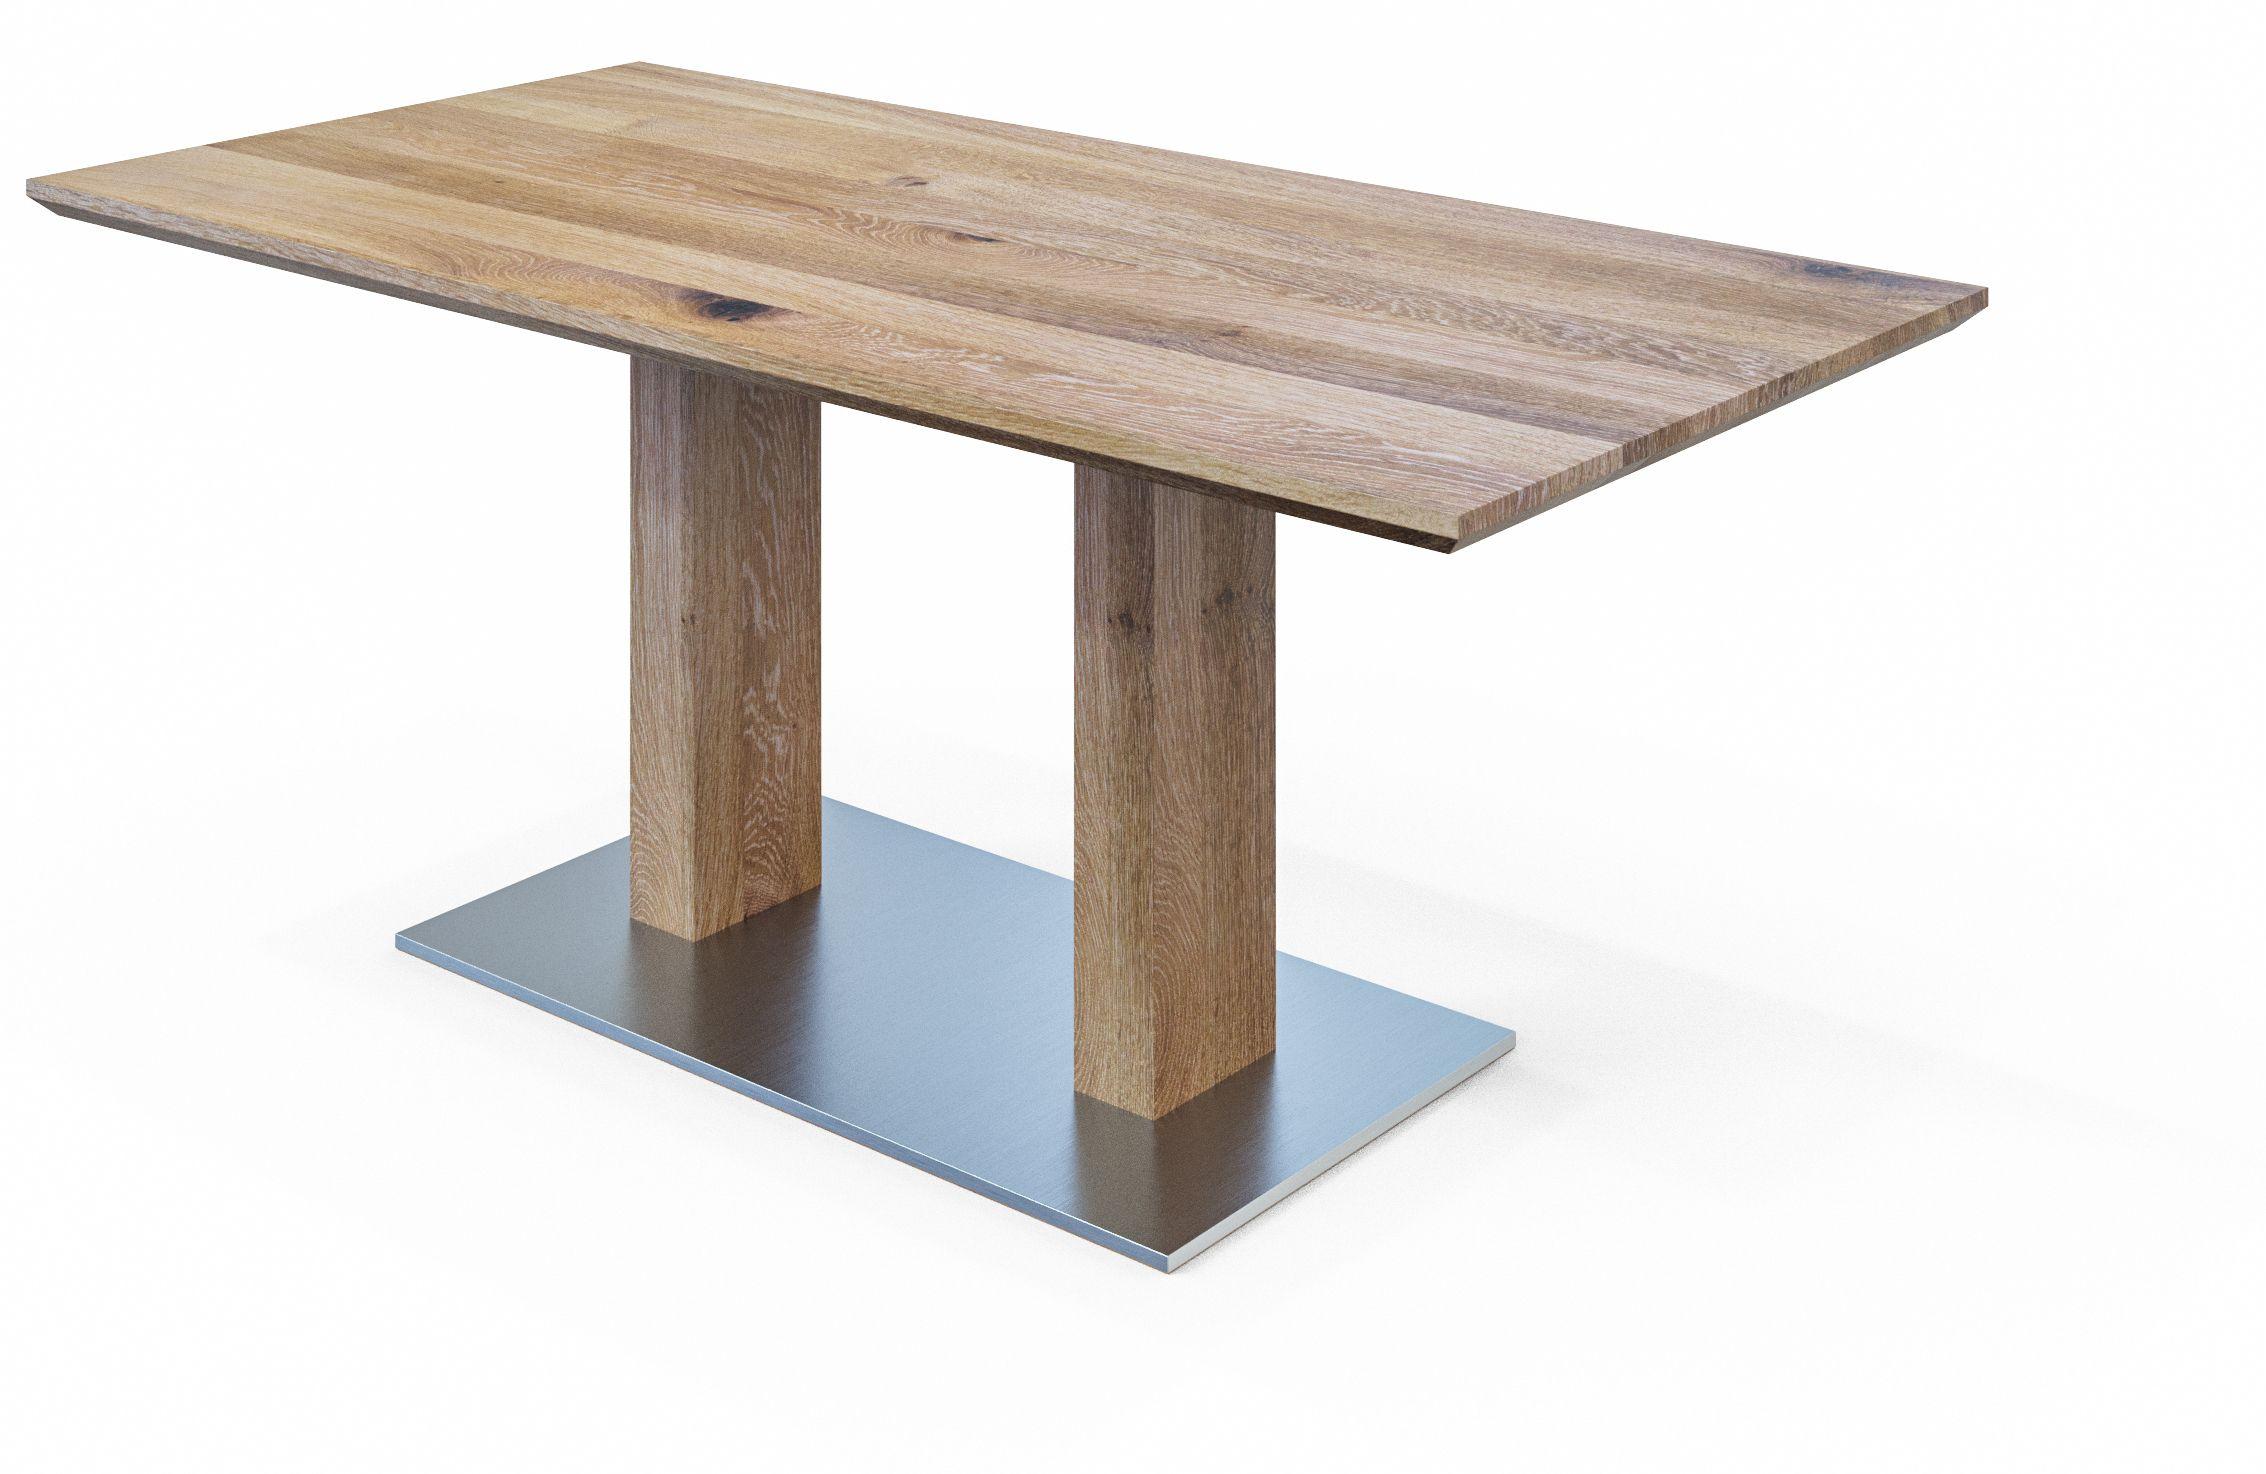 Großartig Säulentisch Massivholz Ideen Von #esstisch Ikaros Aus - In Wildeiche Aus